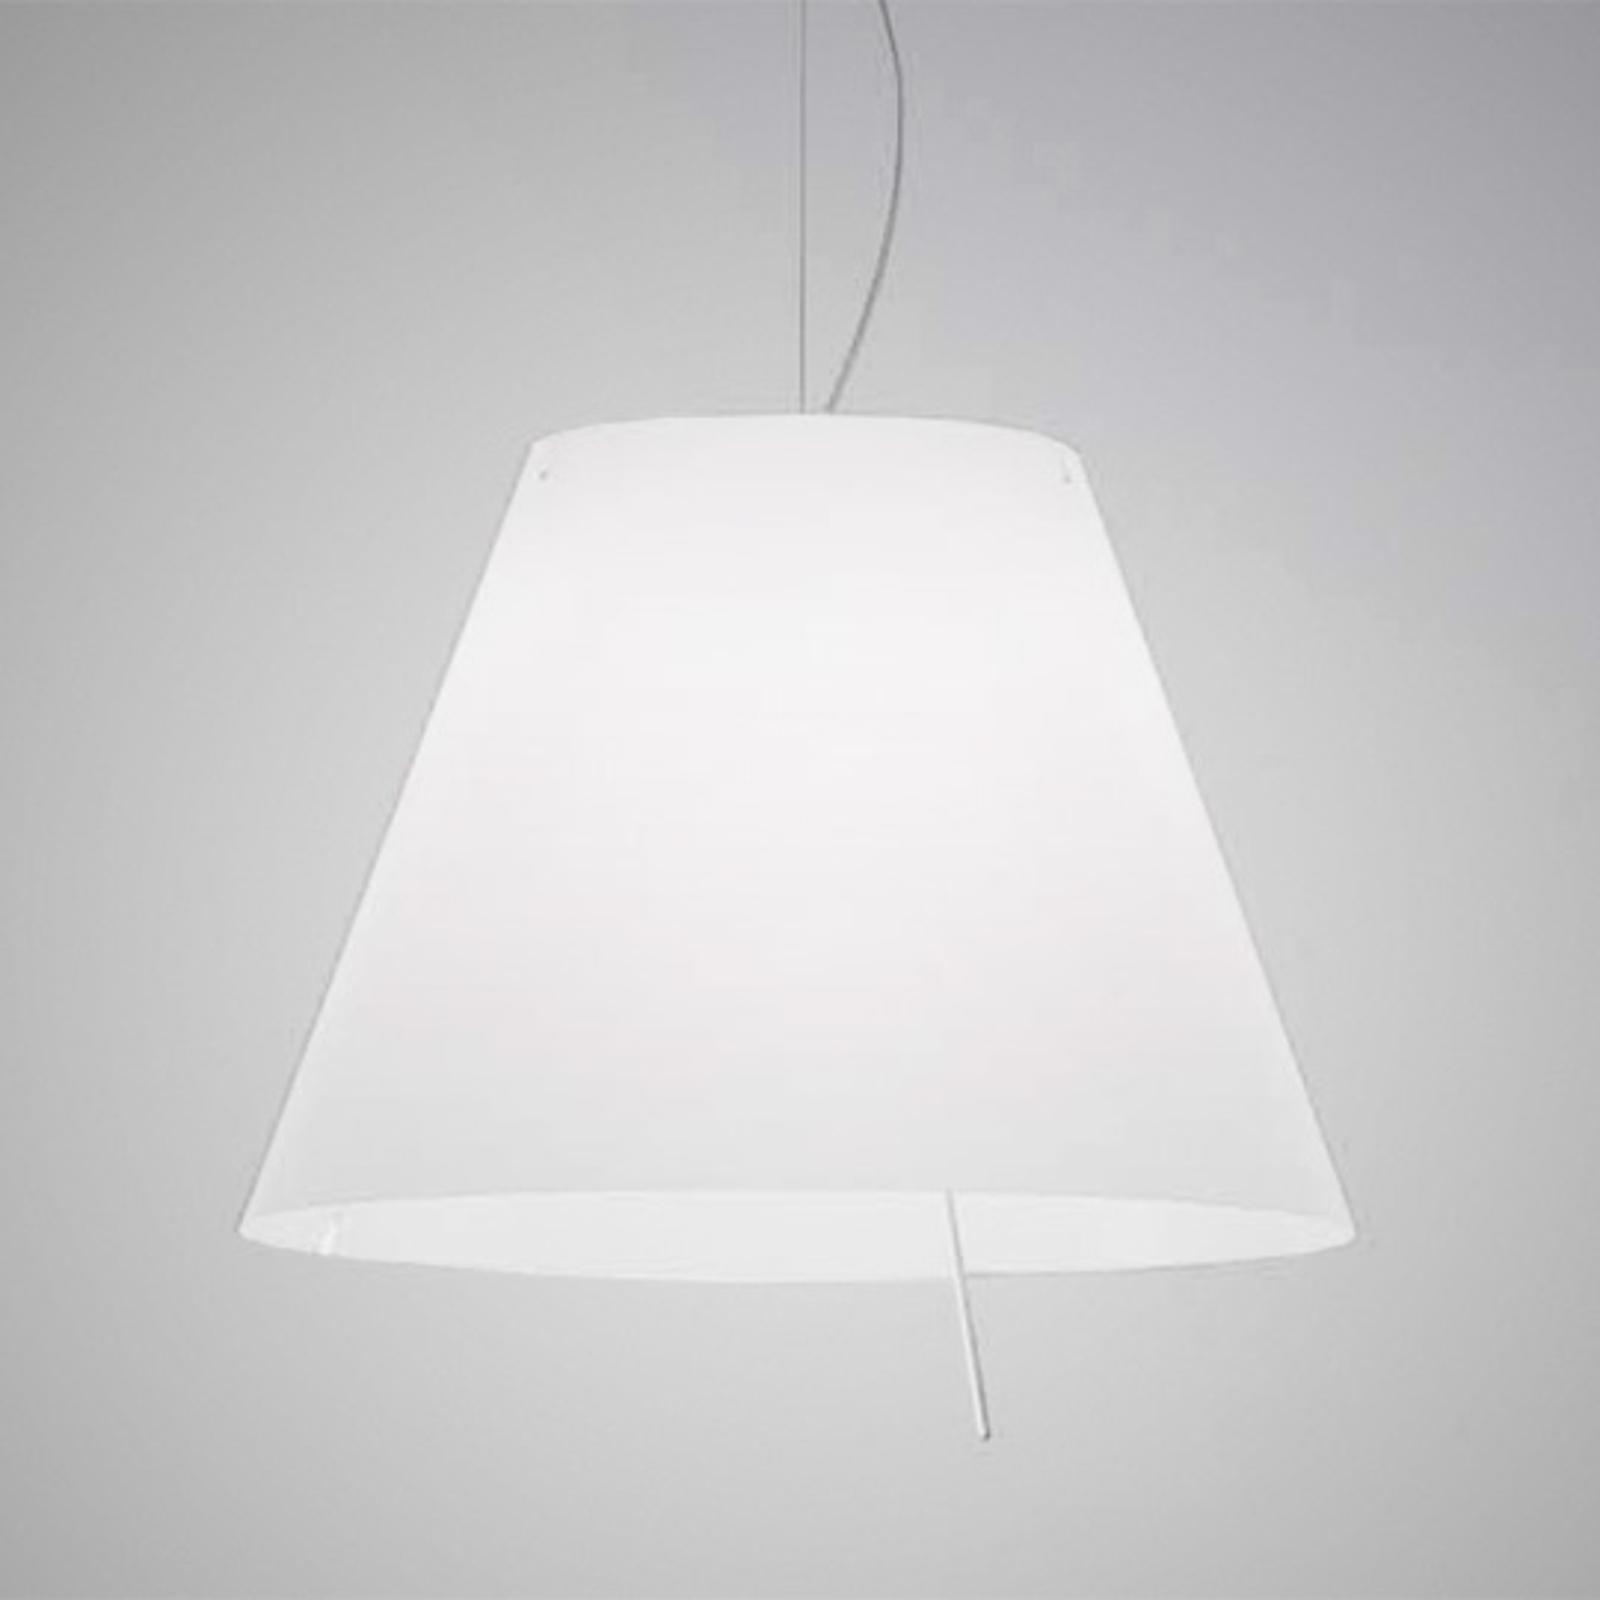 Luceplan Grande Costanza - pendant light, white_6030068_1